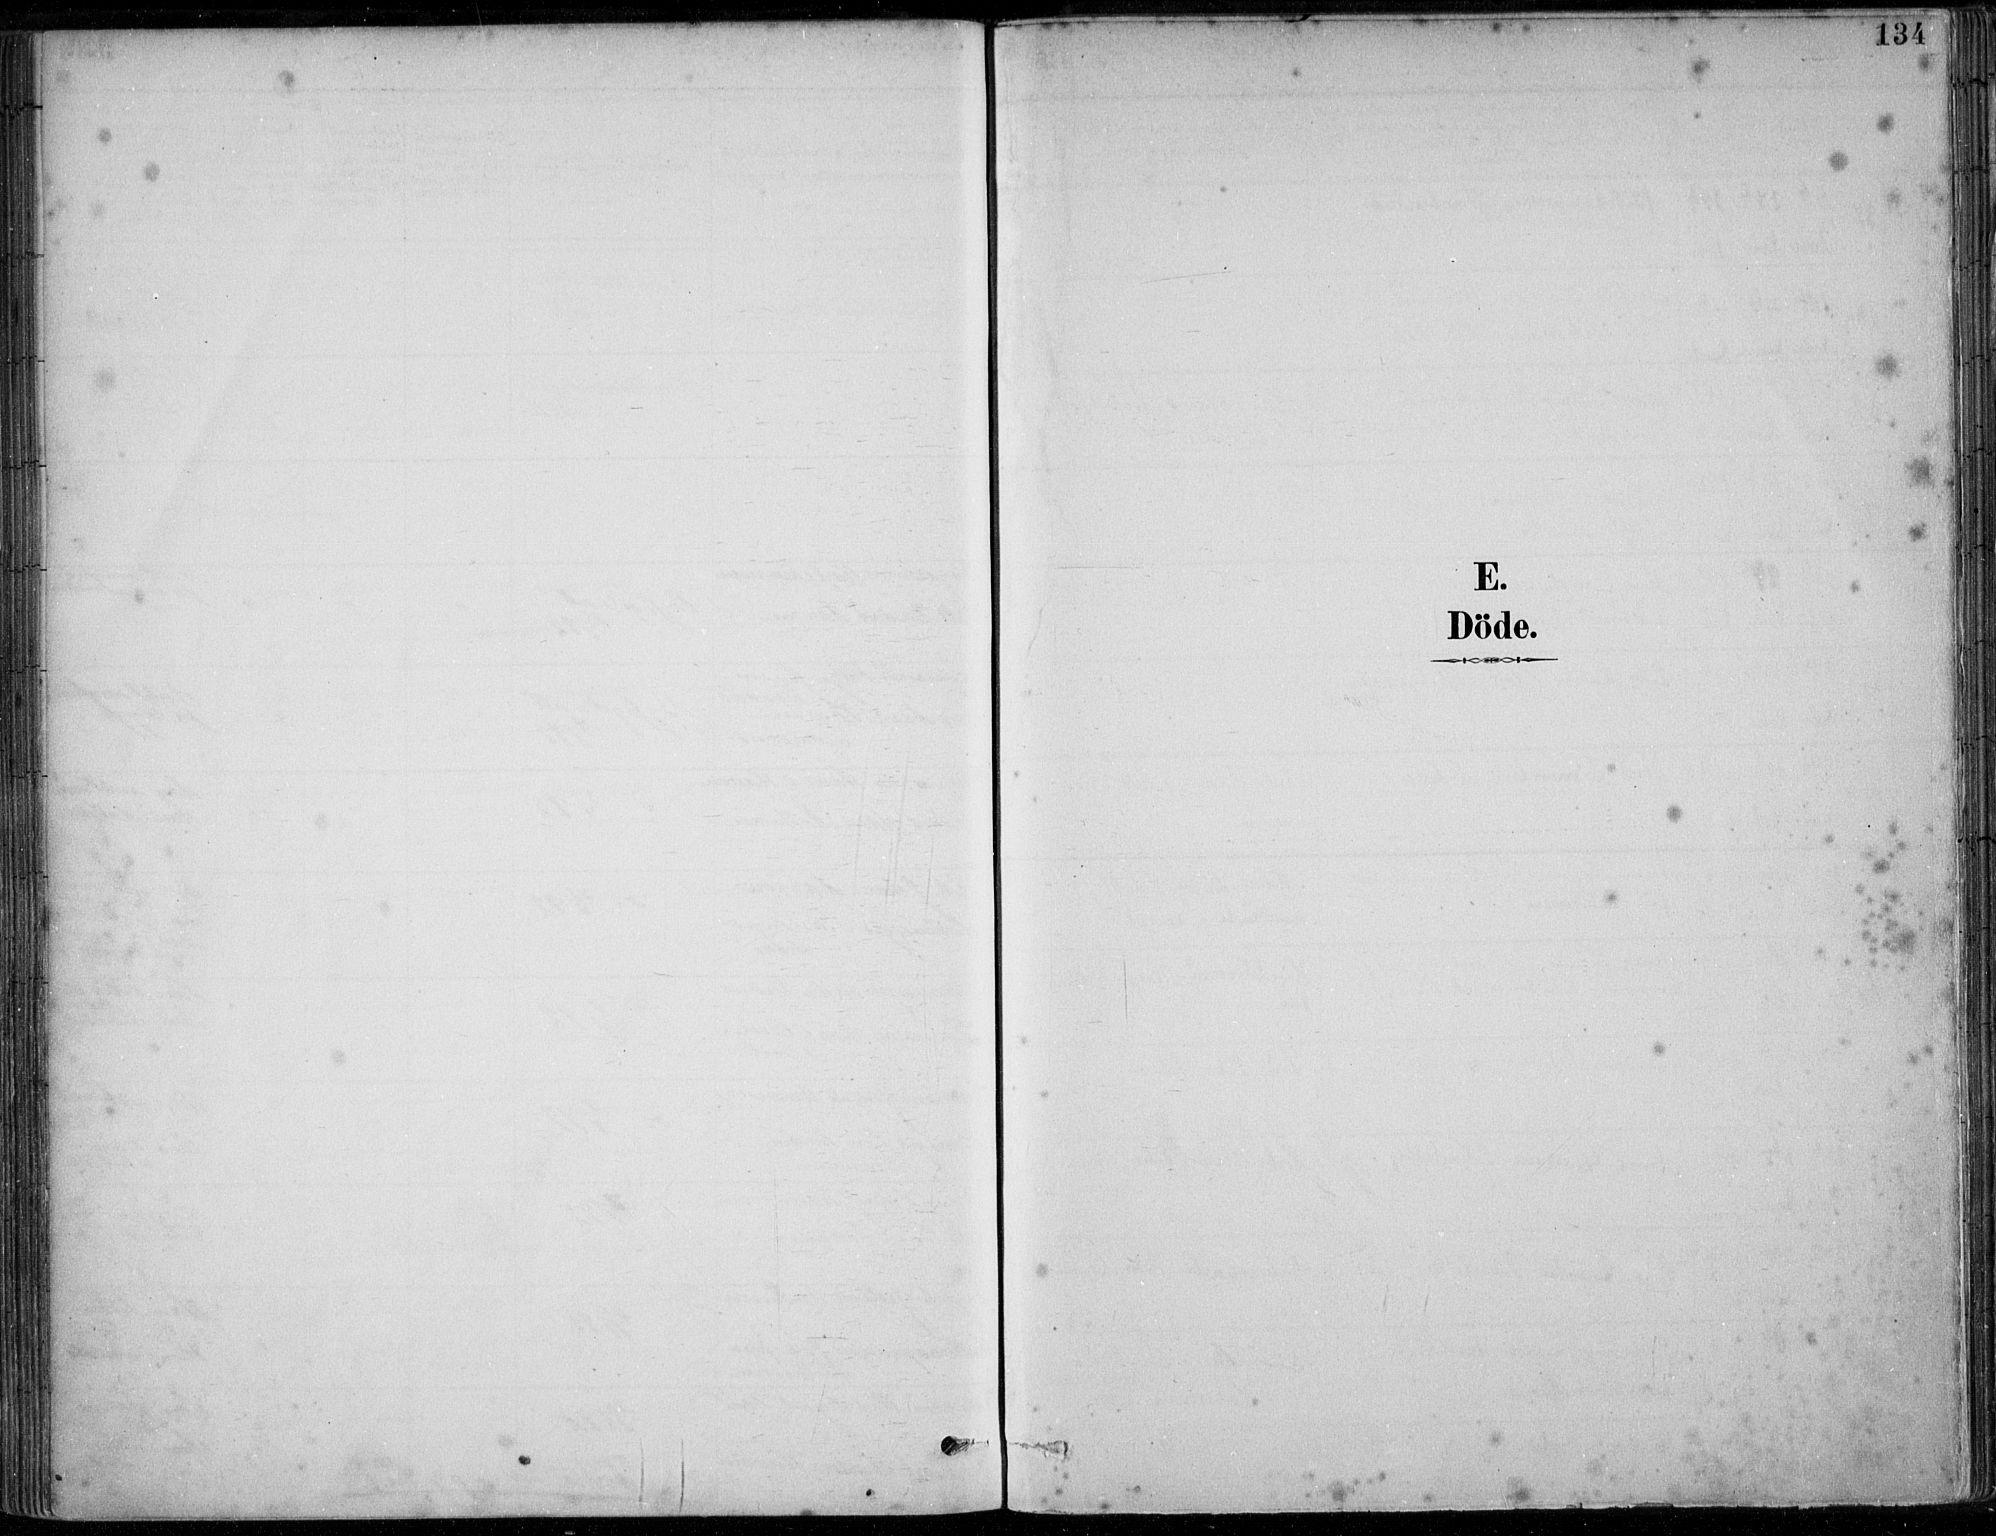 SAB, Årstad Sokneprestembete, H/Haa/L0006: Ministerialbok nr. B 1, 1886-1901, s. 134